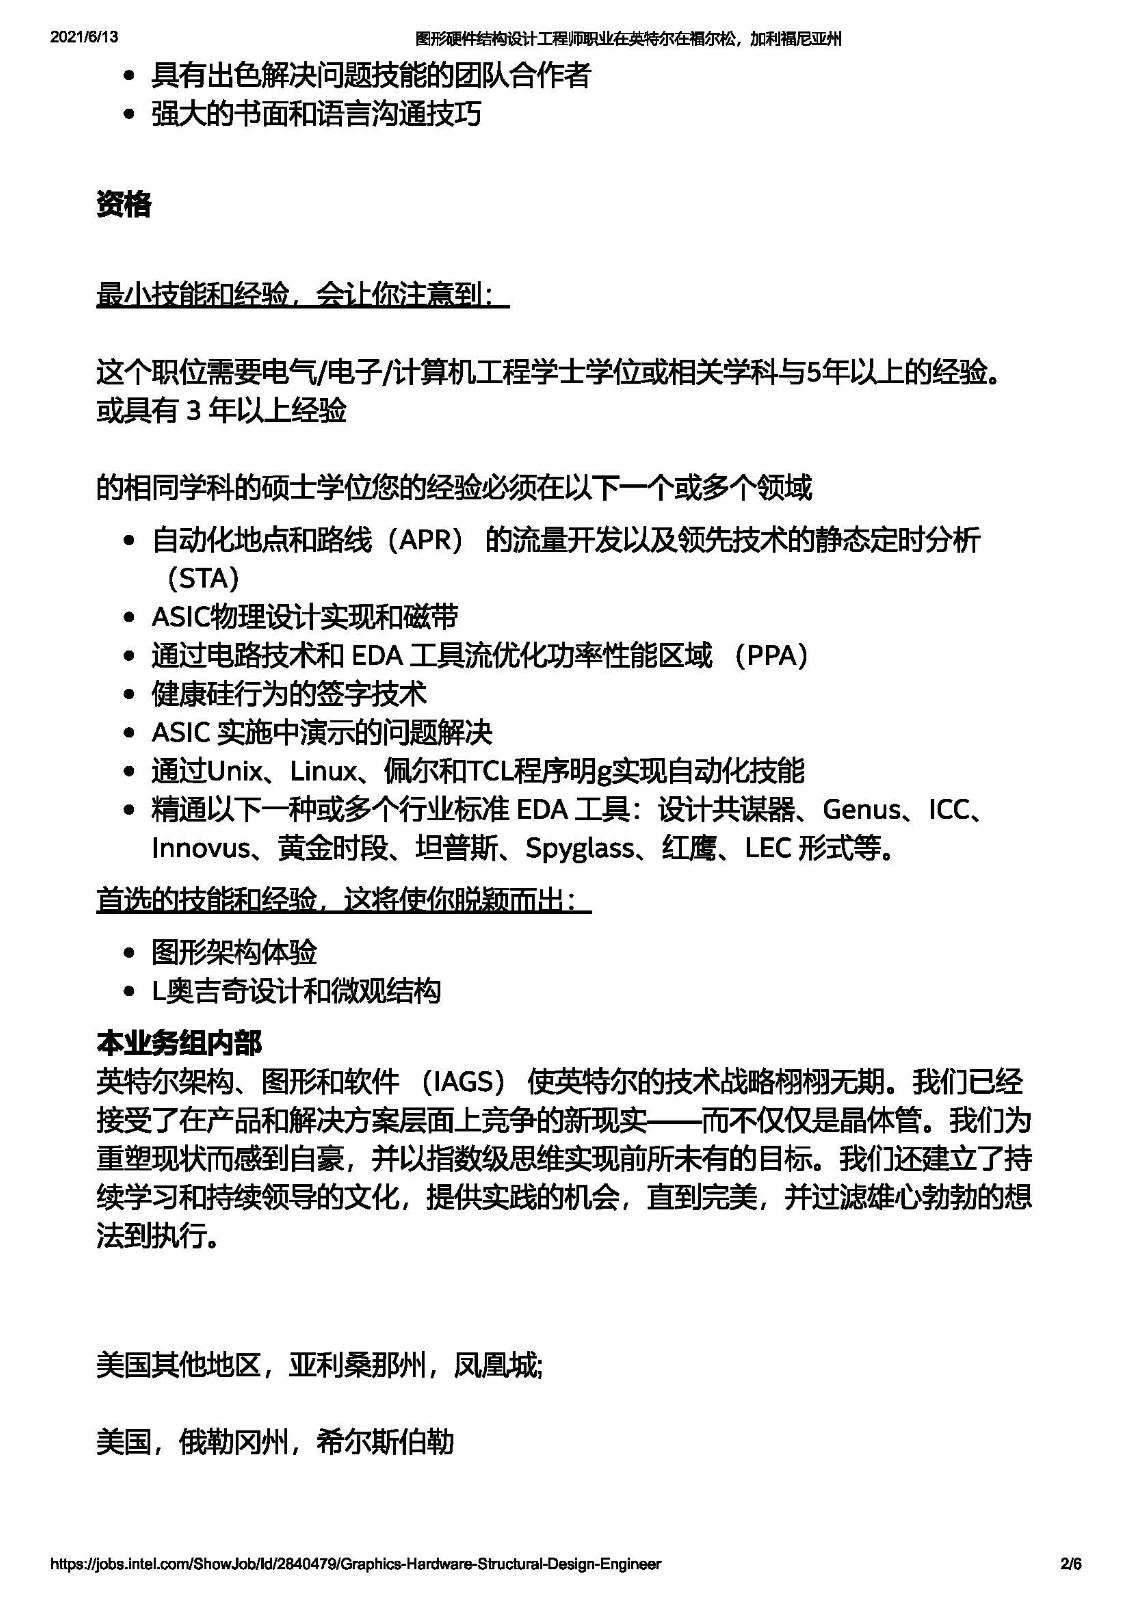 招聘标准——intel公司_图1-5